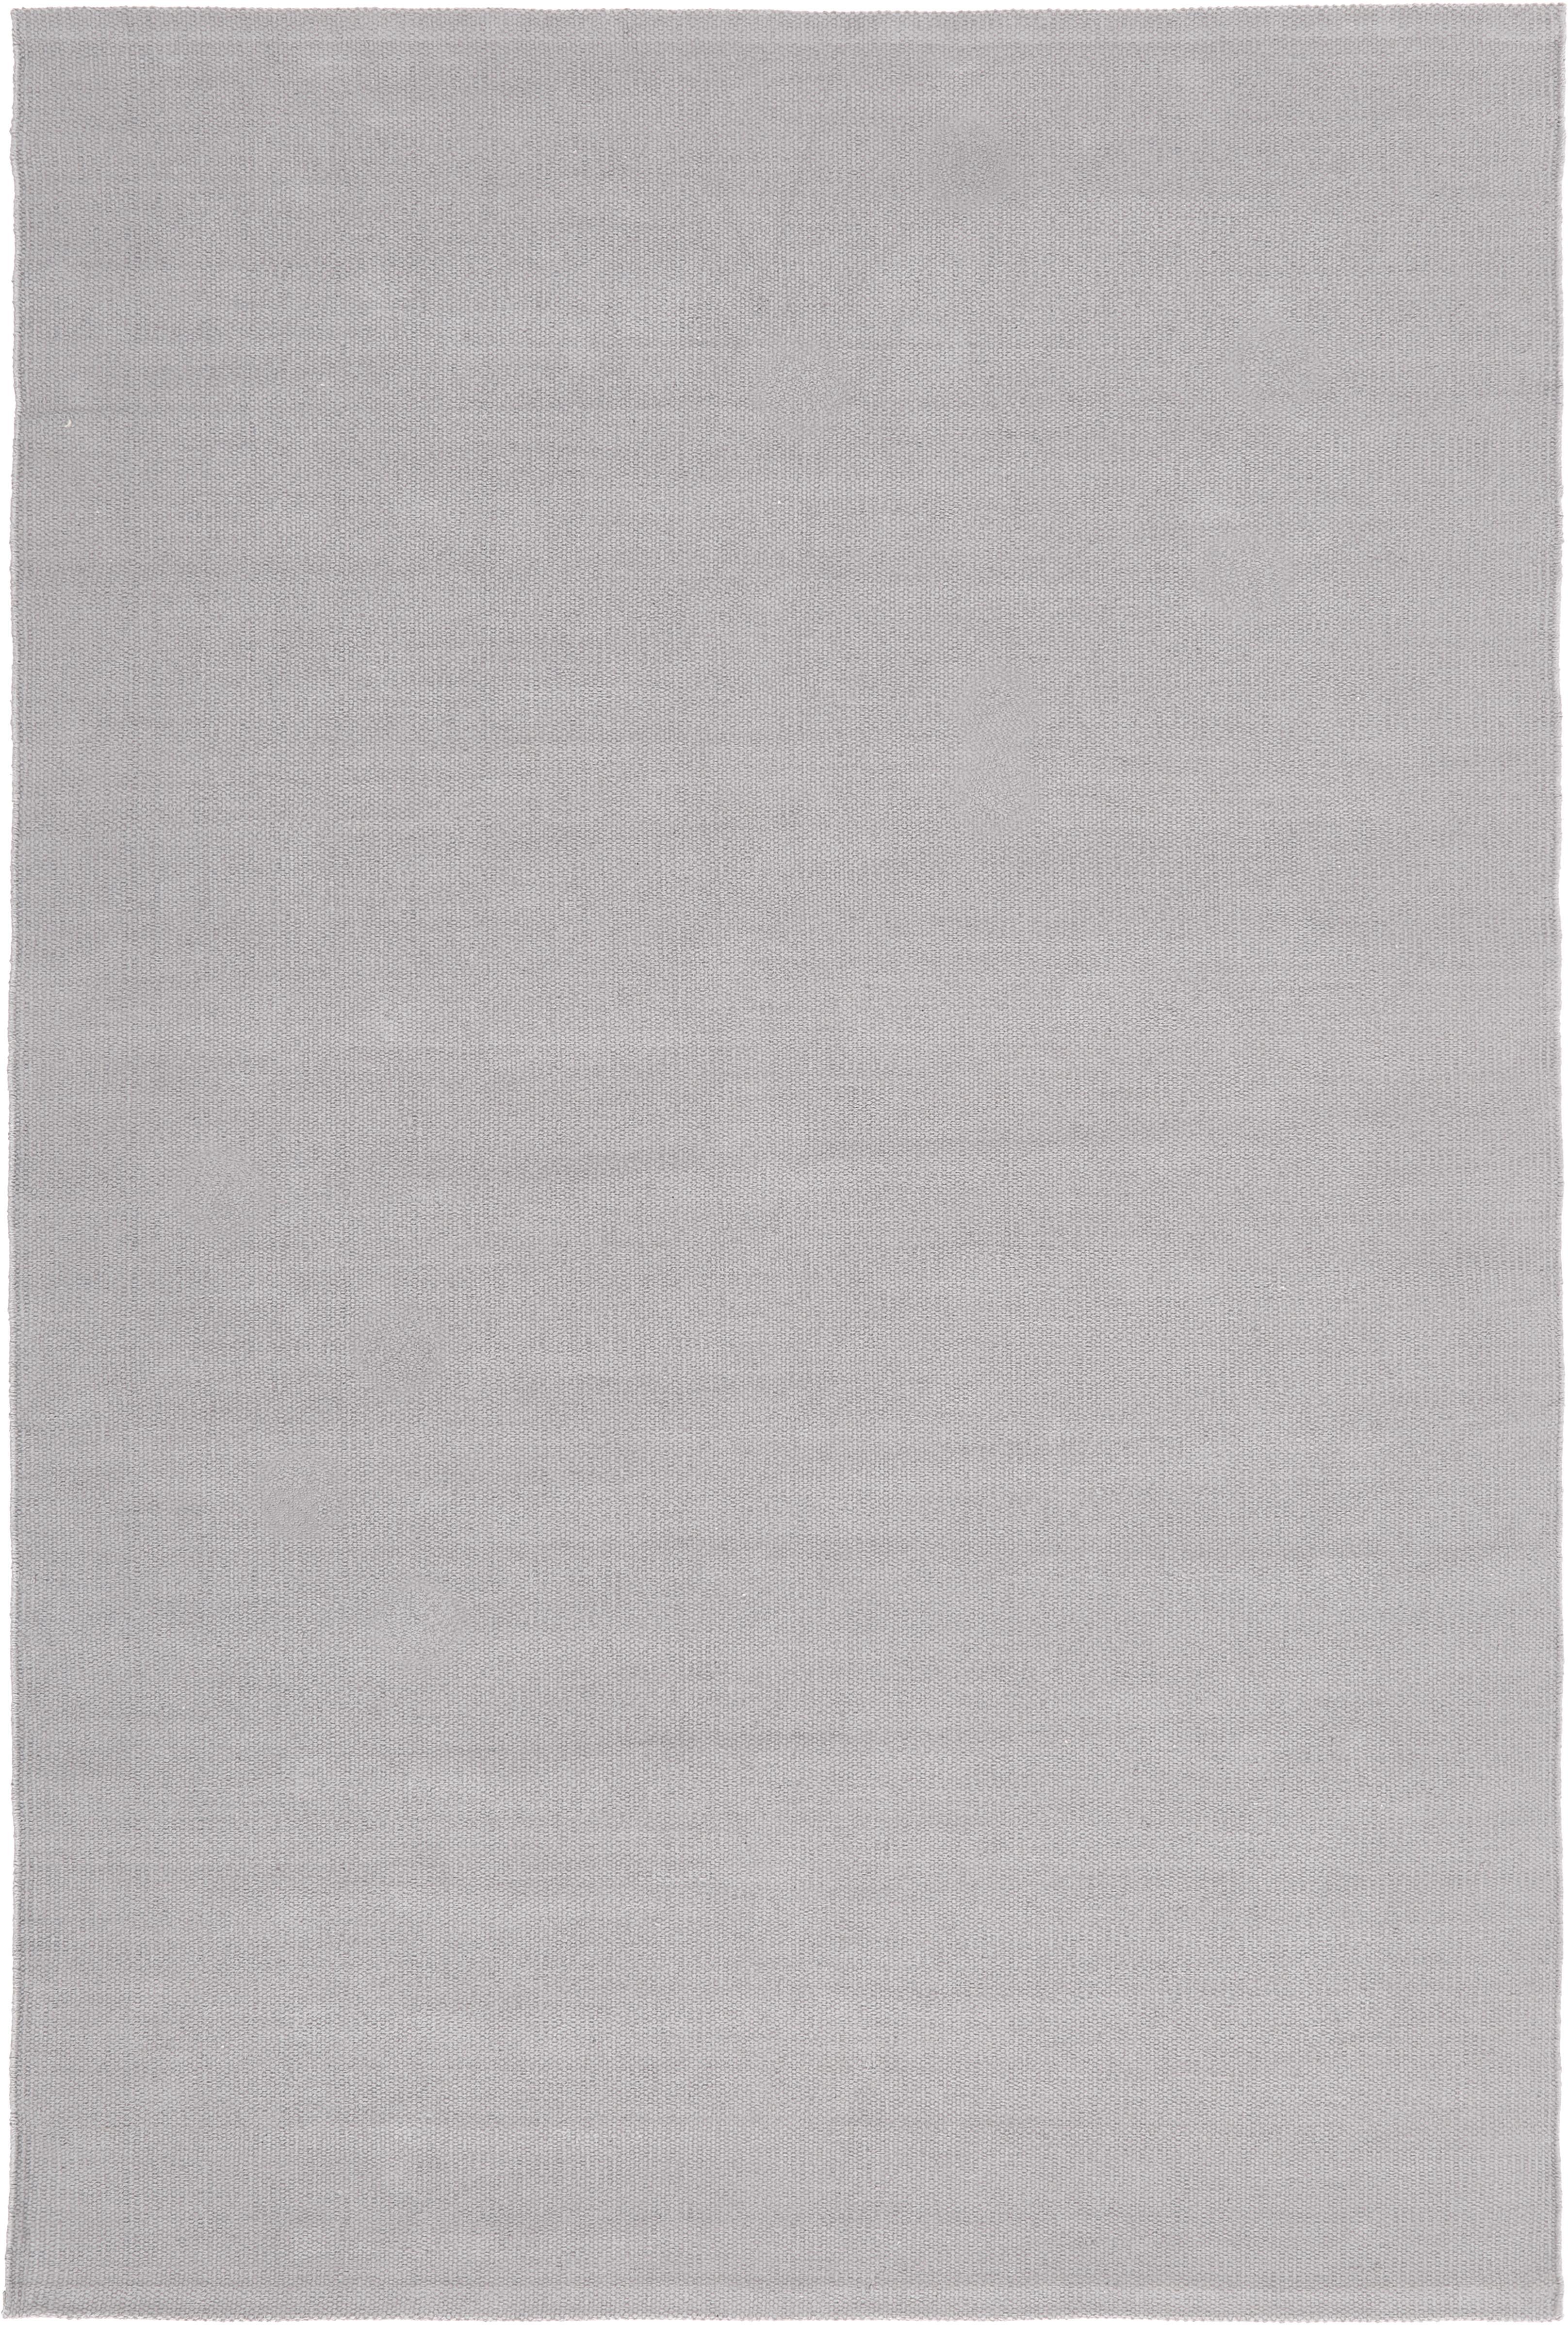 Tappeto in cotone tessuto a mano Agneta, Cotone, Grigio, Larg. 200 x Lung. 300 cm (taglia L)